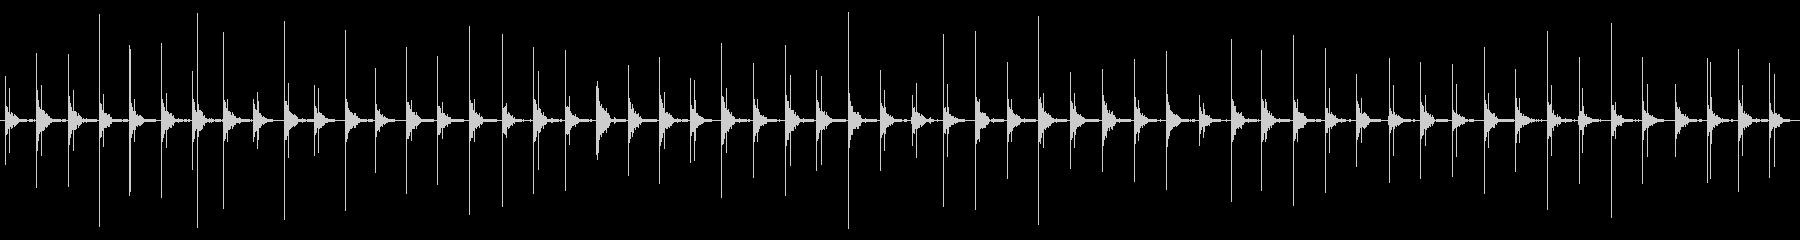 ウッドフロア:軽いランニングシュー...の未再生の波形